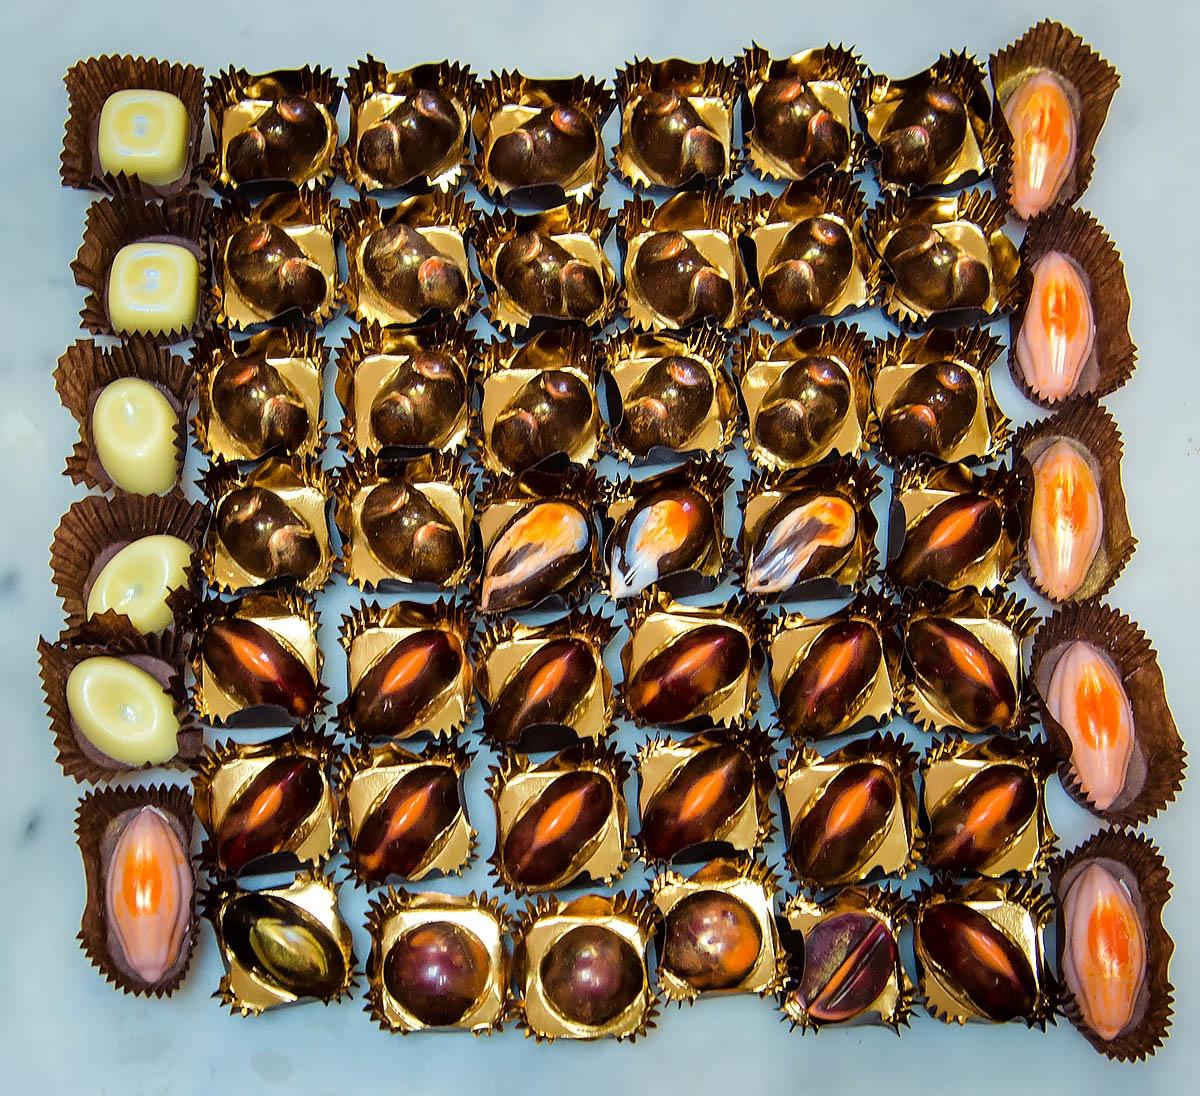 В запасе шоколатье всегда не меньше тысячи конфет